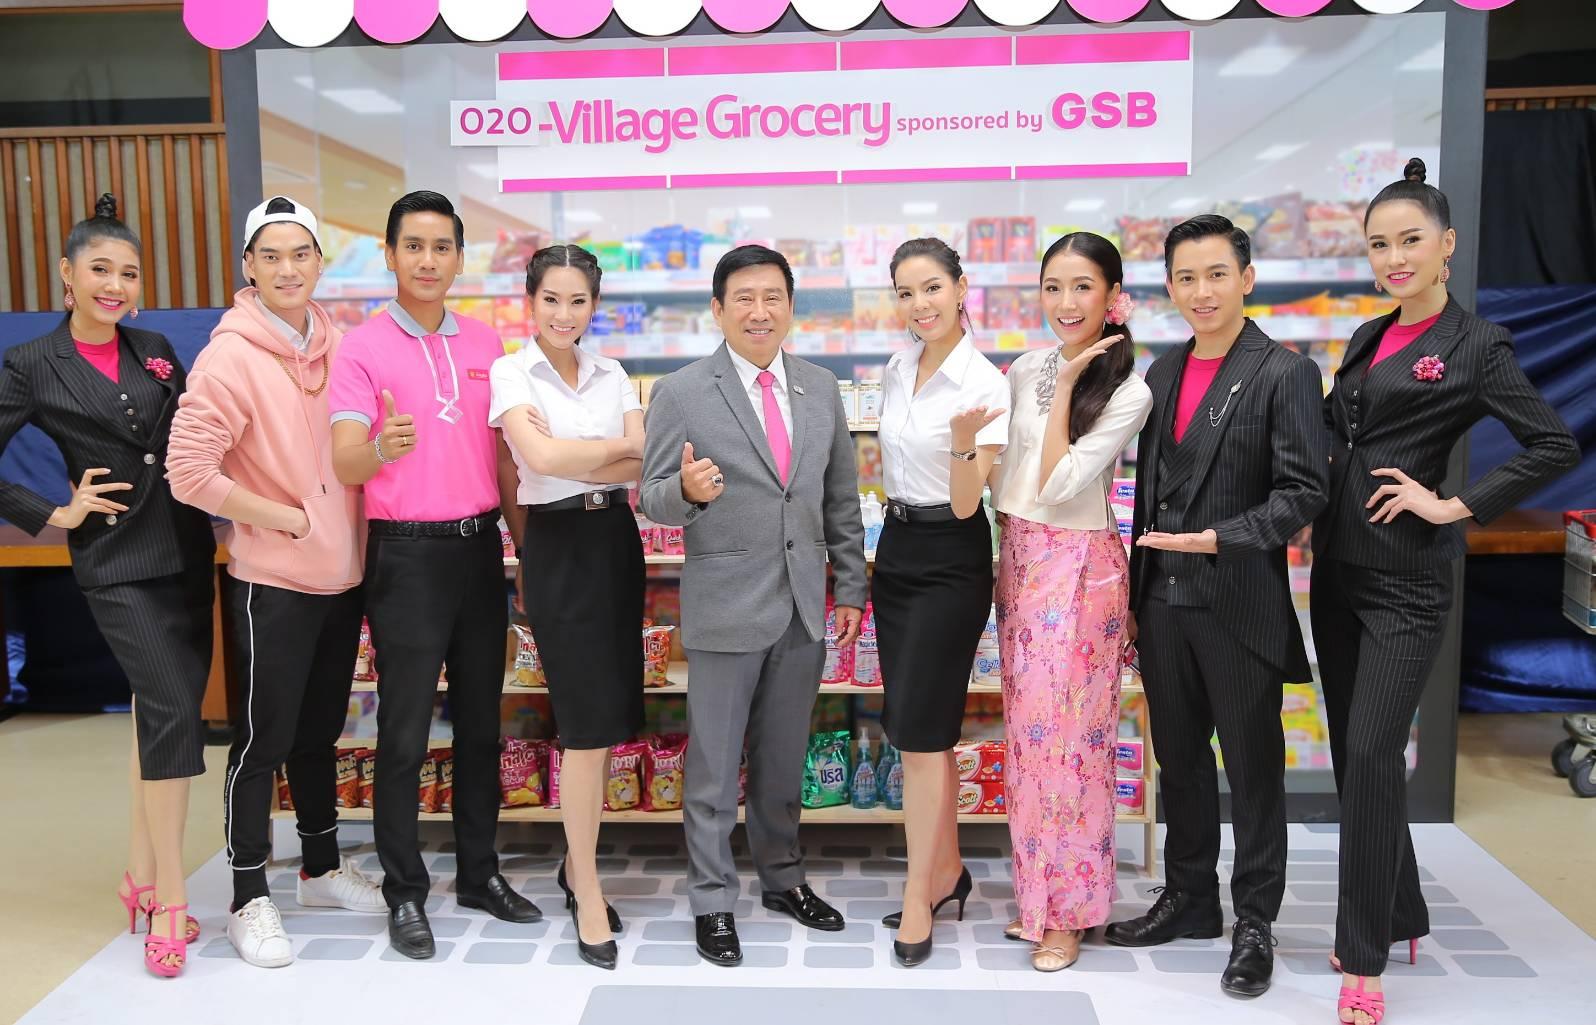 """ออมสิน ผุด Platform """"O2O-Village Grocery sponsored by GSB"""" ยกสินค้าโชห่วย กองทุนหมู่บ้าน โอท็อปขึ้นขายสินค้าบนตลาดออนไลน์"""